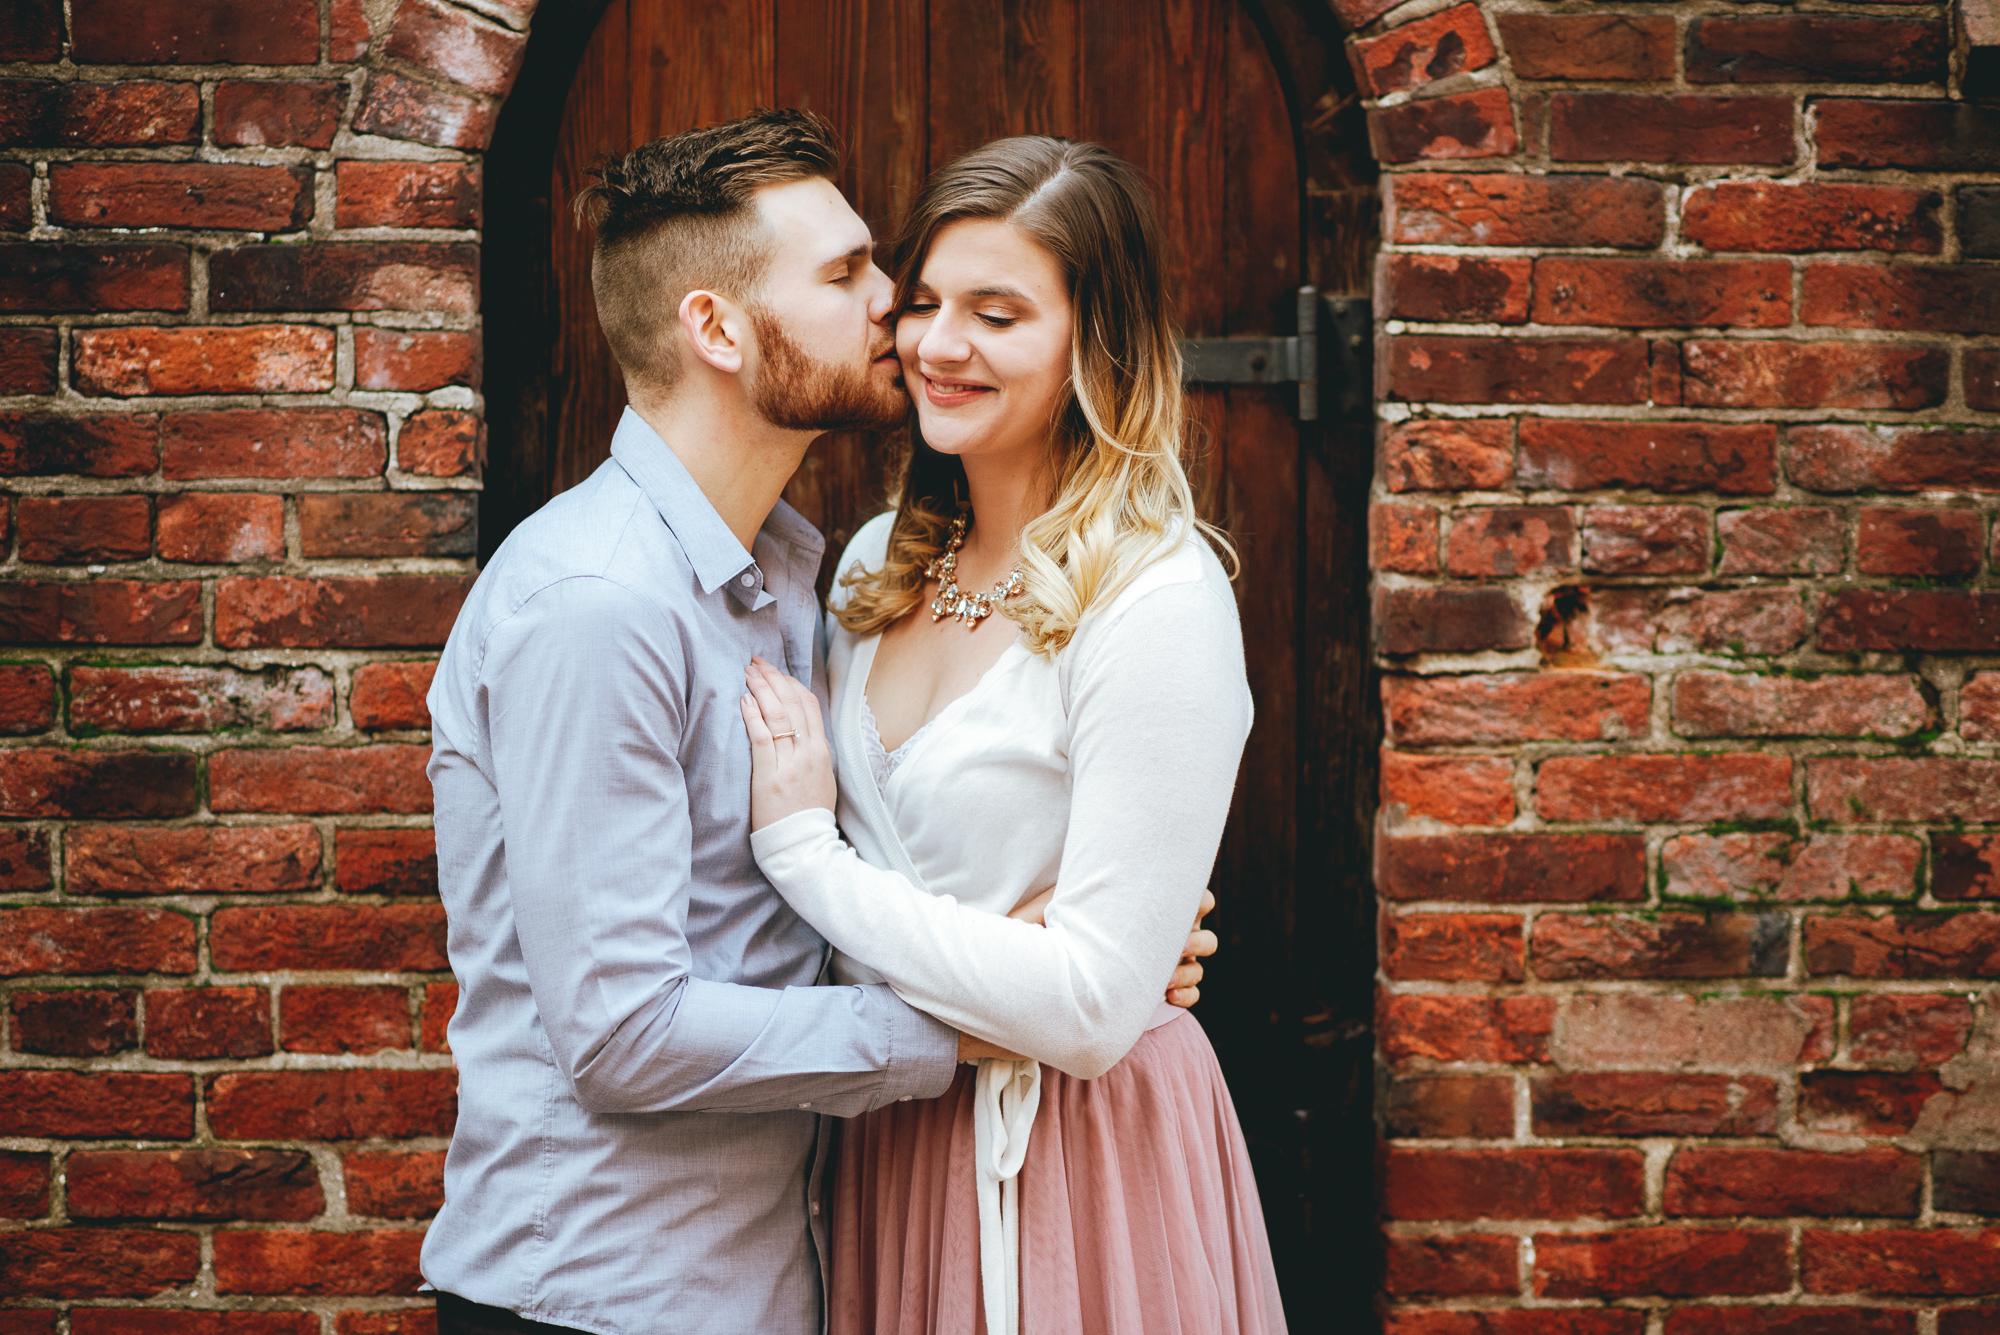 Philadelphia-PA-Engagement-Photographer-Peaberry-Photo-Wedding-Photography-19.jpg